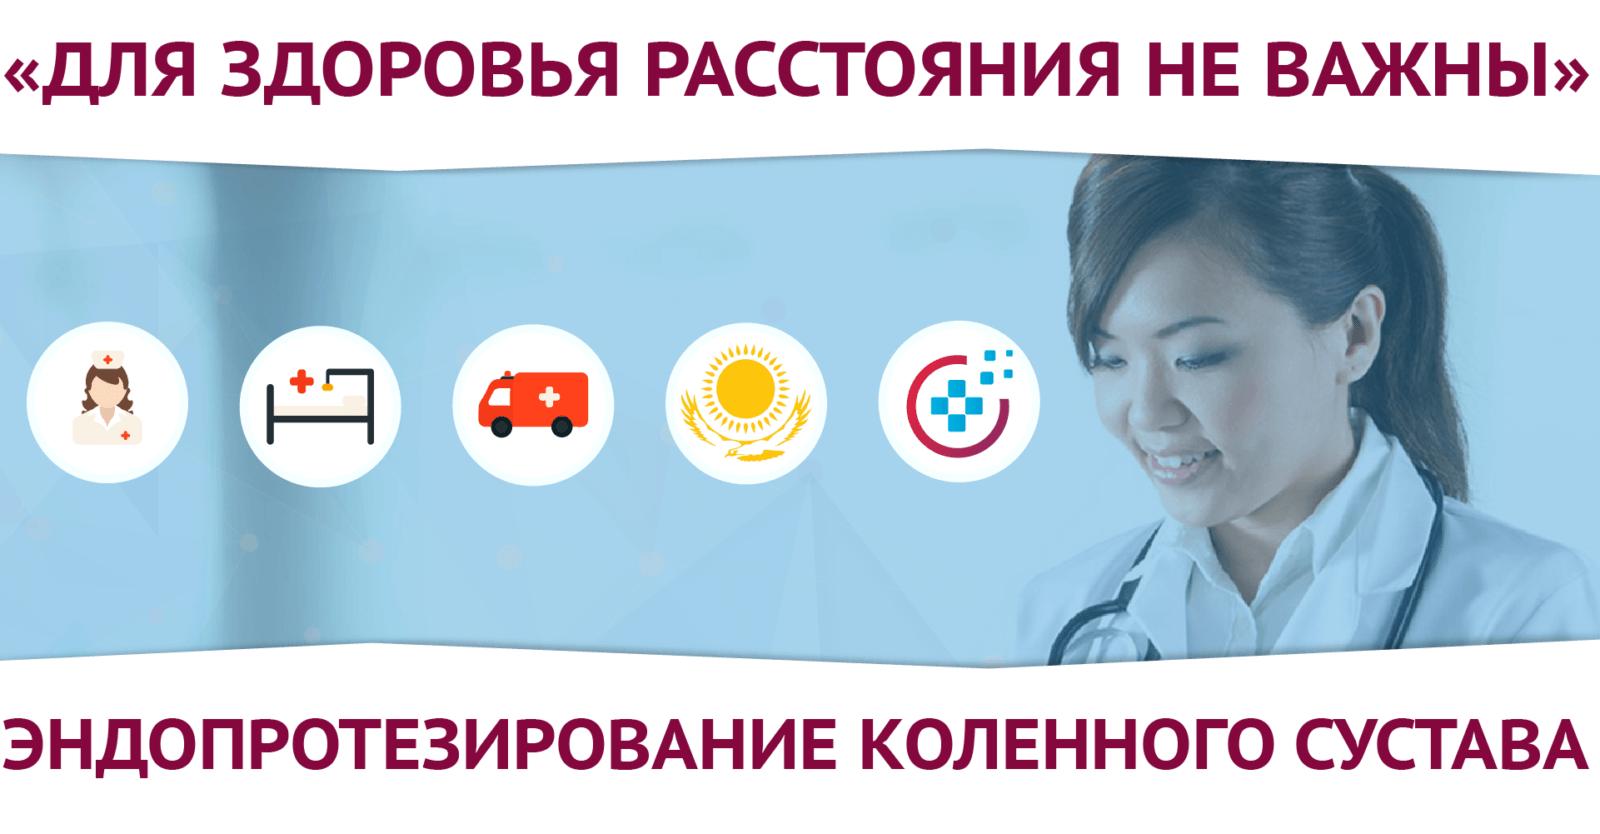 endoprotezirovanie kolennogo sustava kazahstan